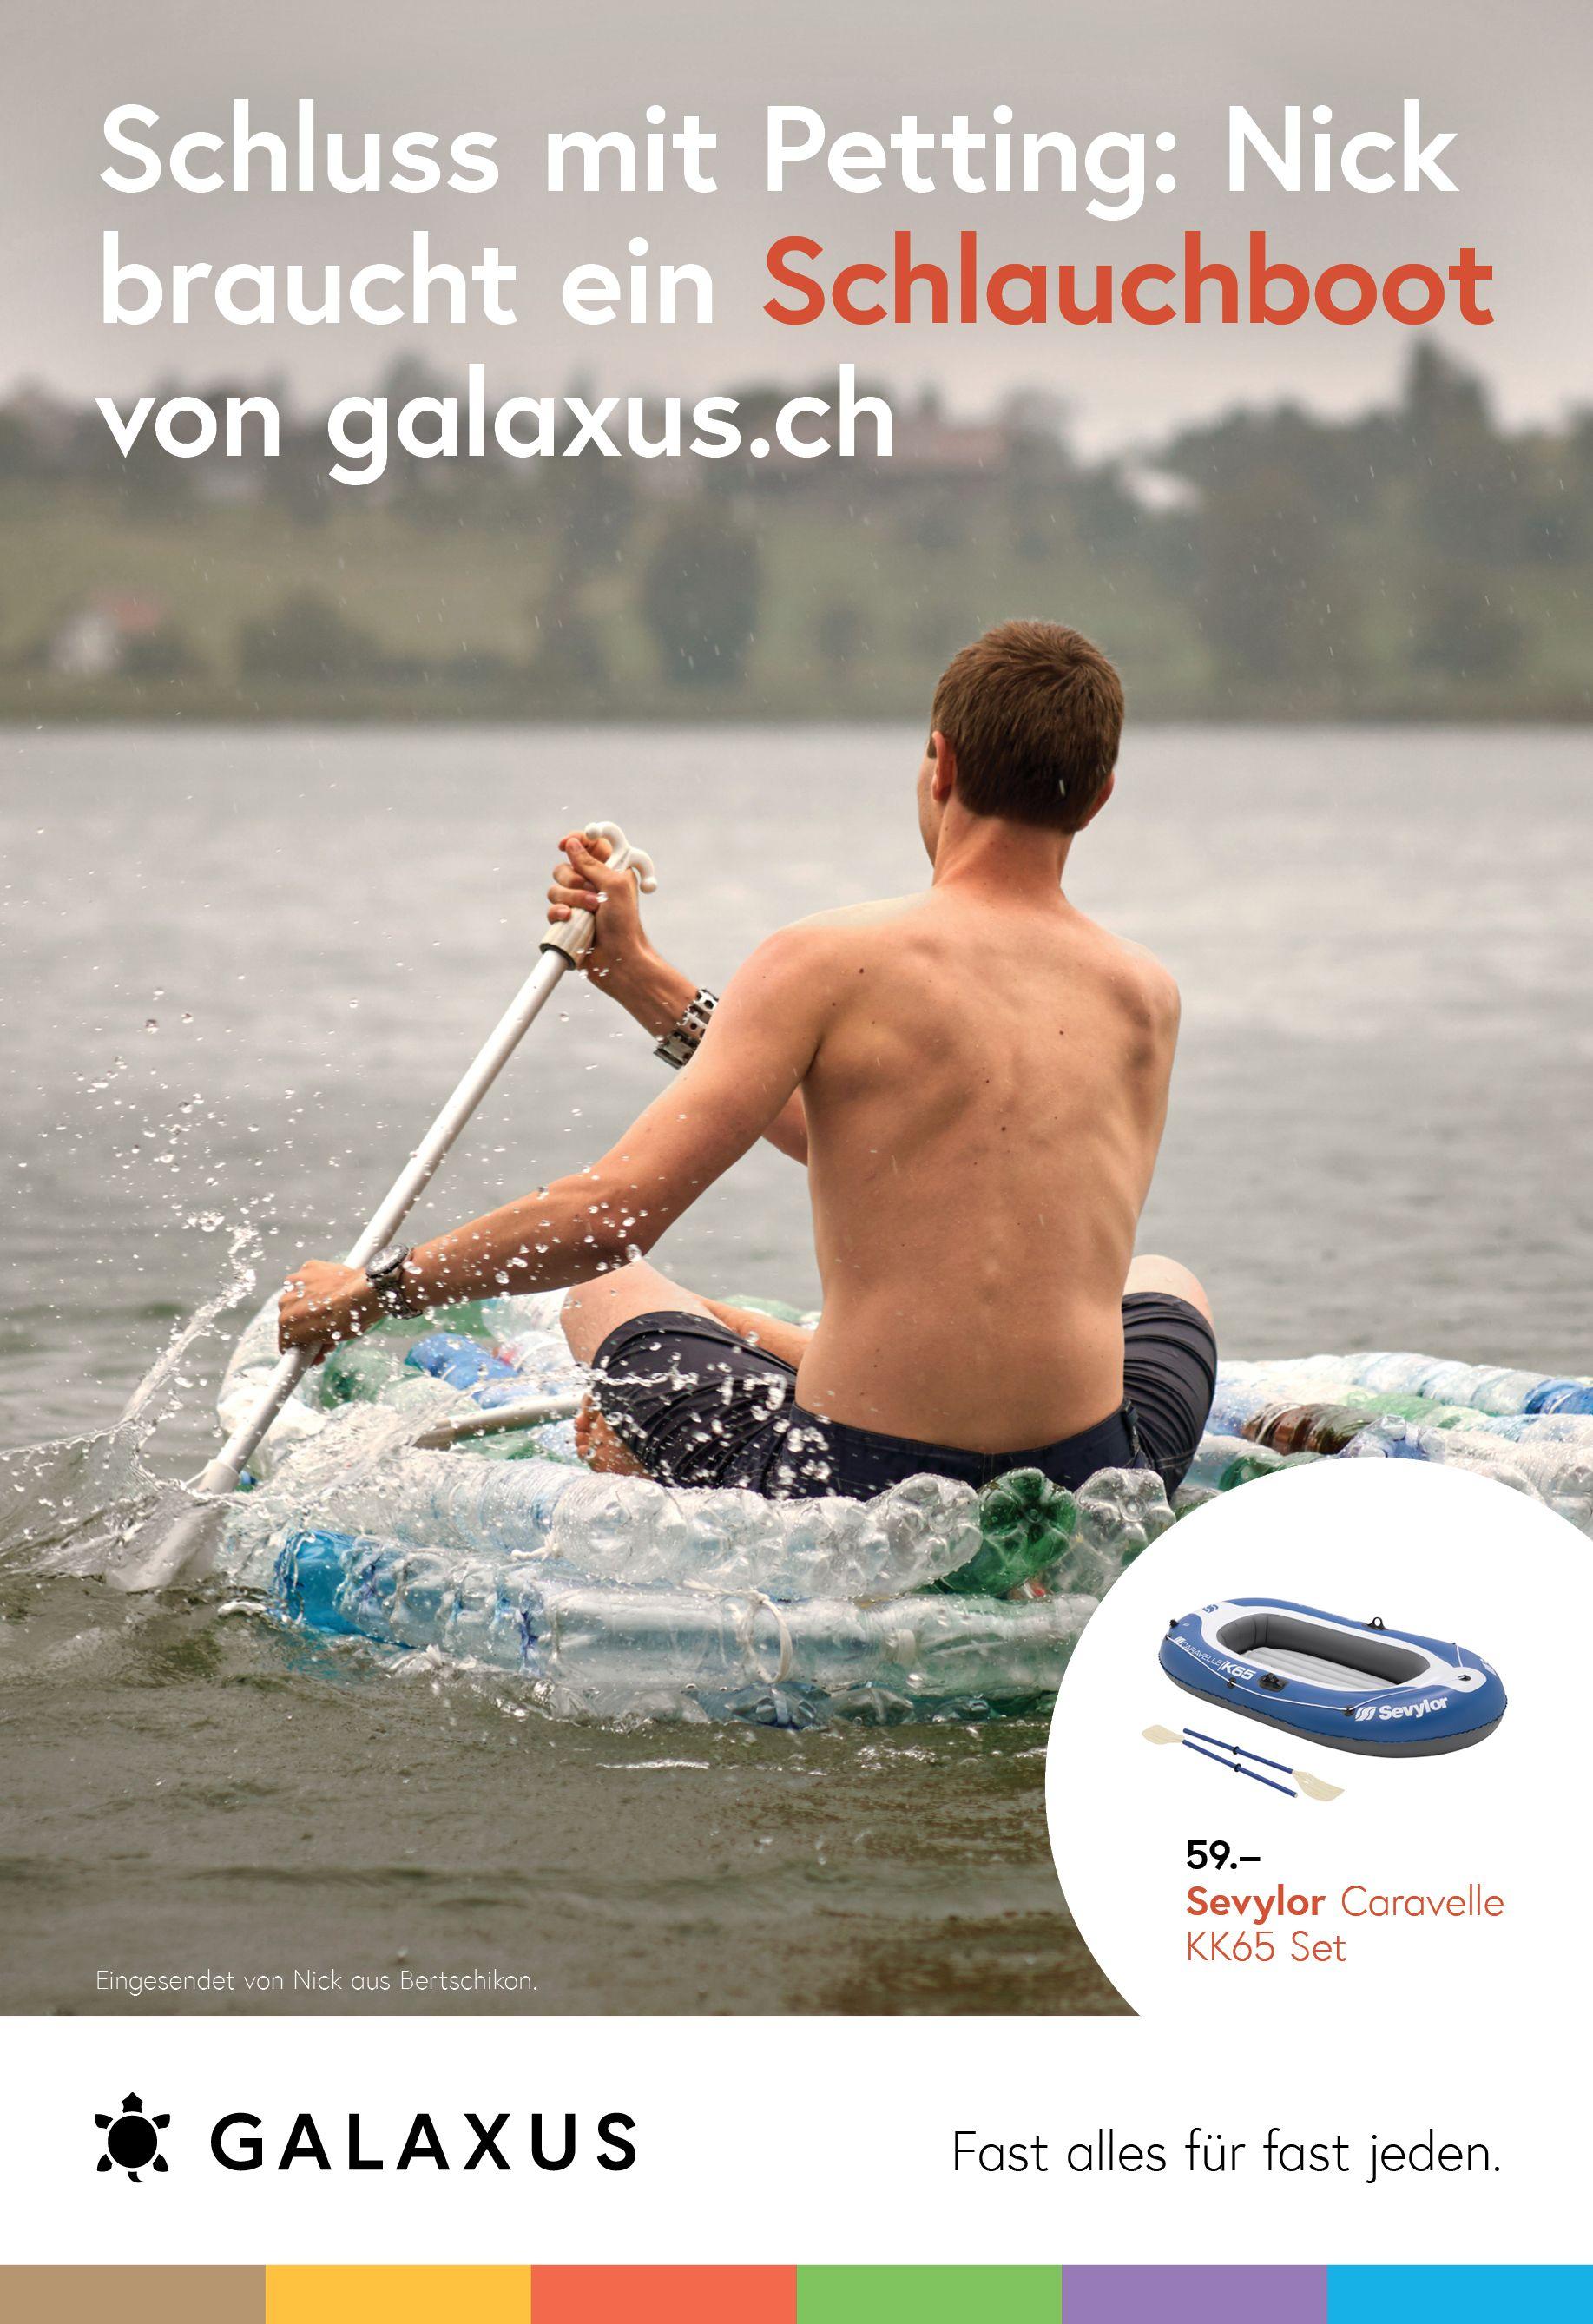 Schluss mit Petting: Nick braucht ein Schlauchboot von Galaxus #GalaxusLive #Galaxus